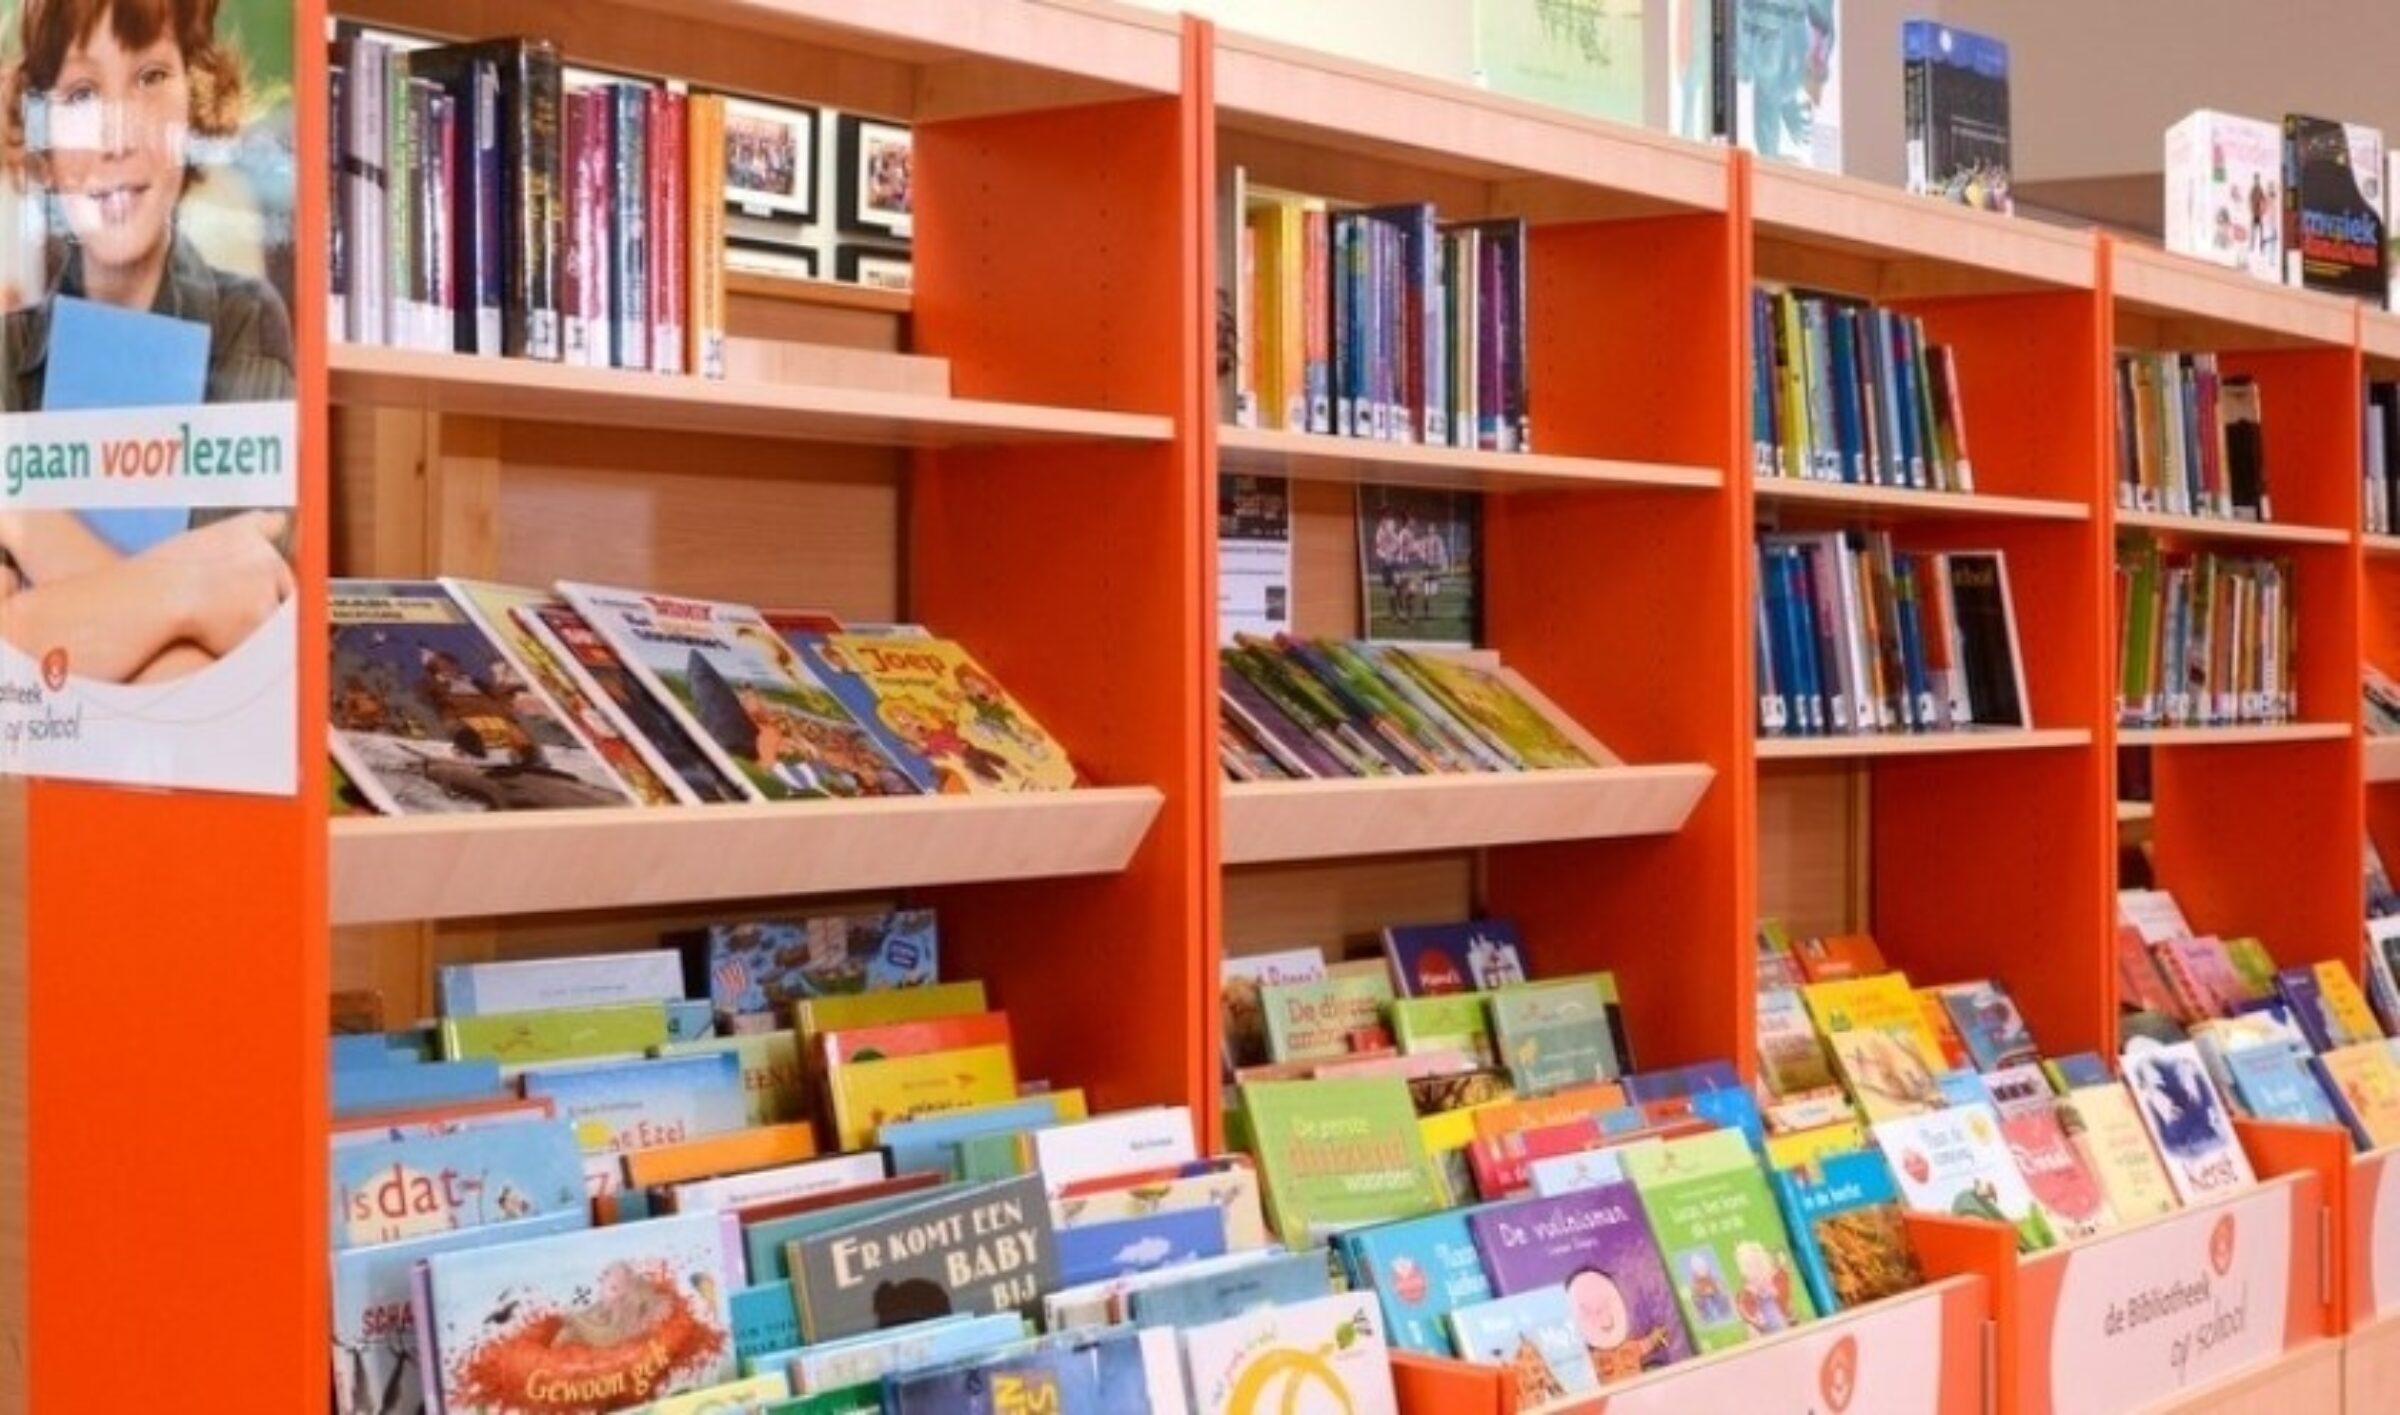 Bibliotheek Enschede1